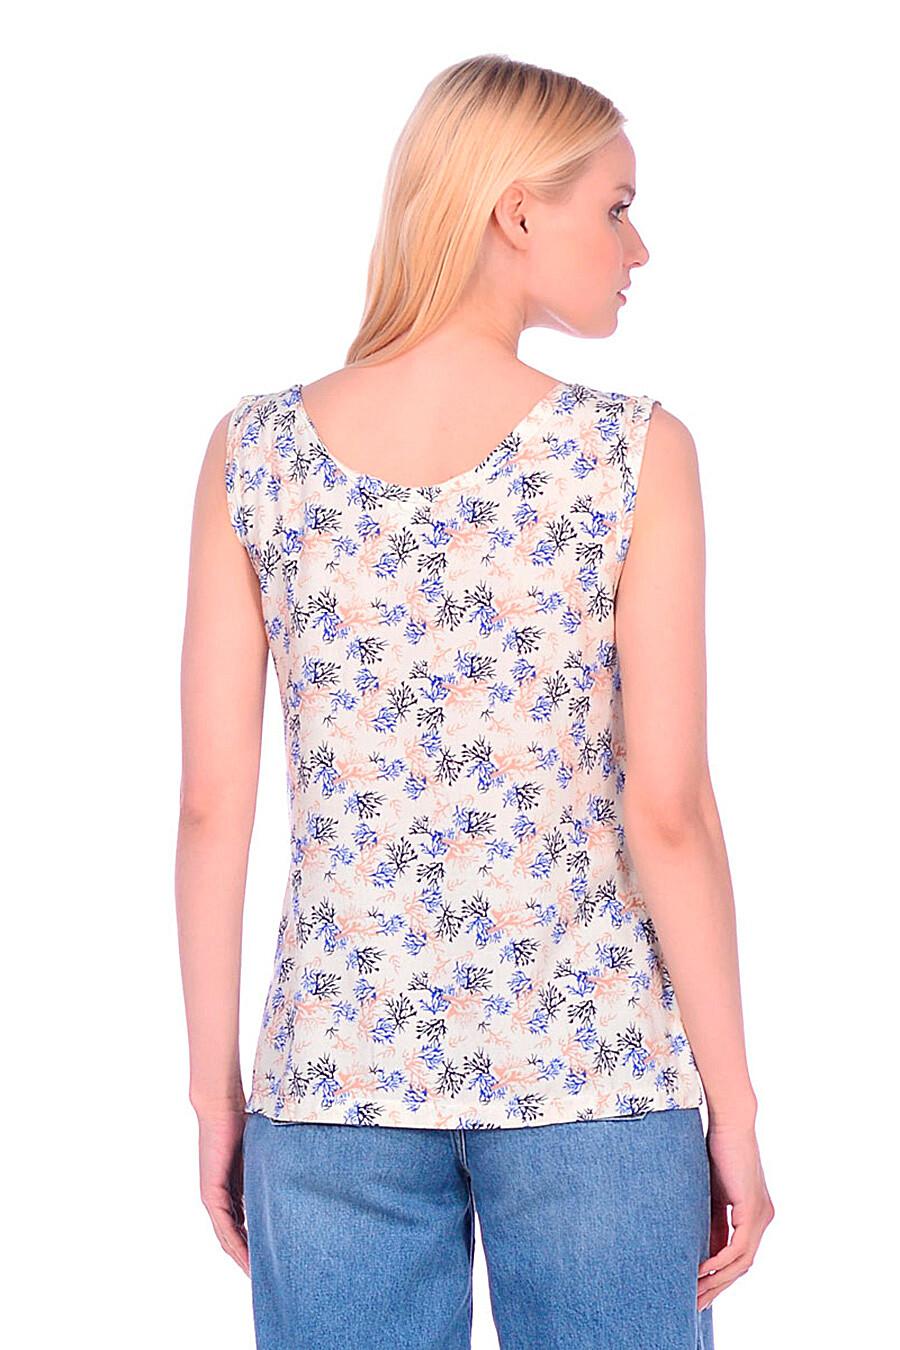 Майка для женщин N.O.A. 239616 купить оптом от производителя. Совместная покупка женской одежды в OptMoyo